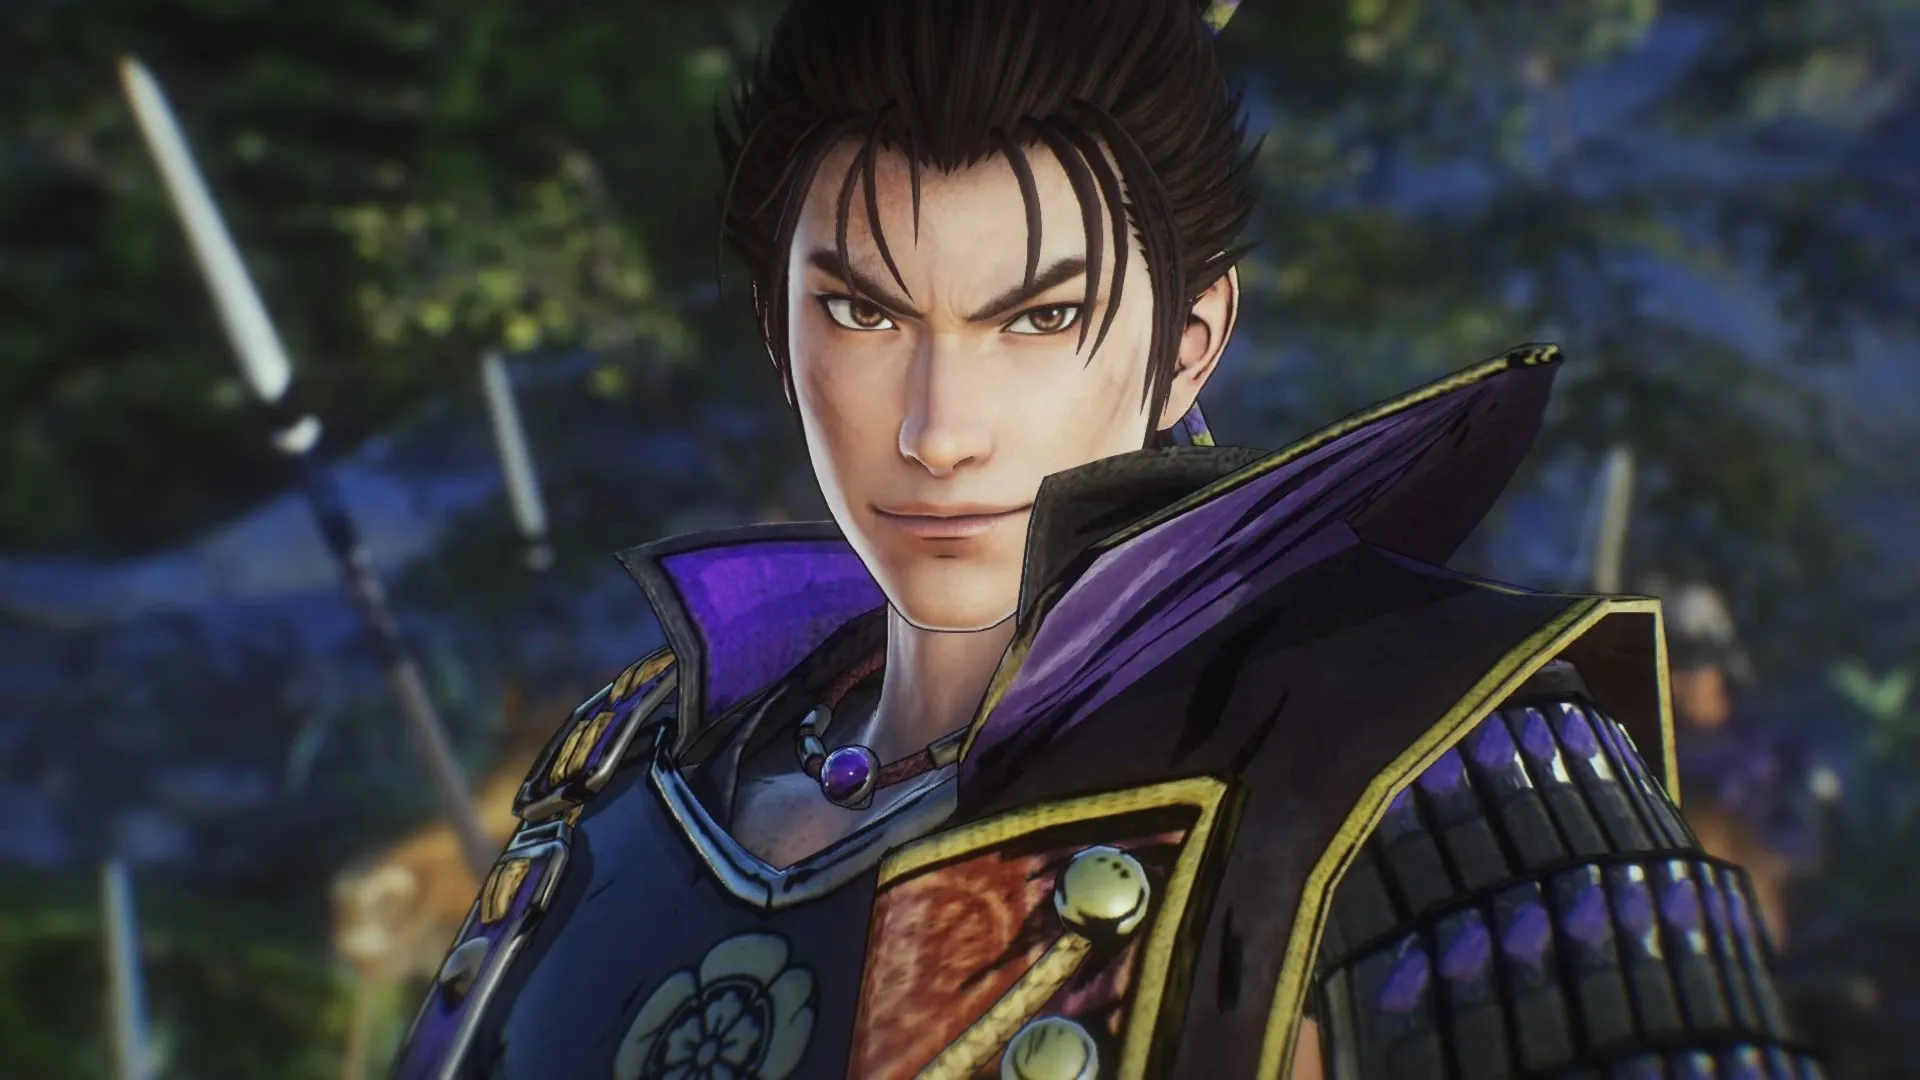 Koei Tecmo объявляет о рекордных финансовых результатах; Samurai Warriors 5 отгрузила 410 000 единиц